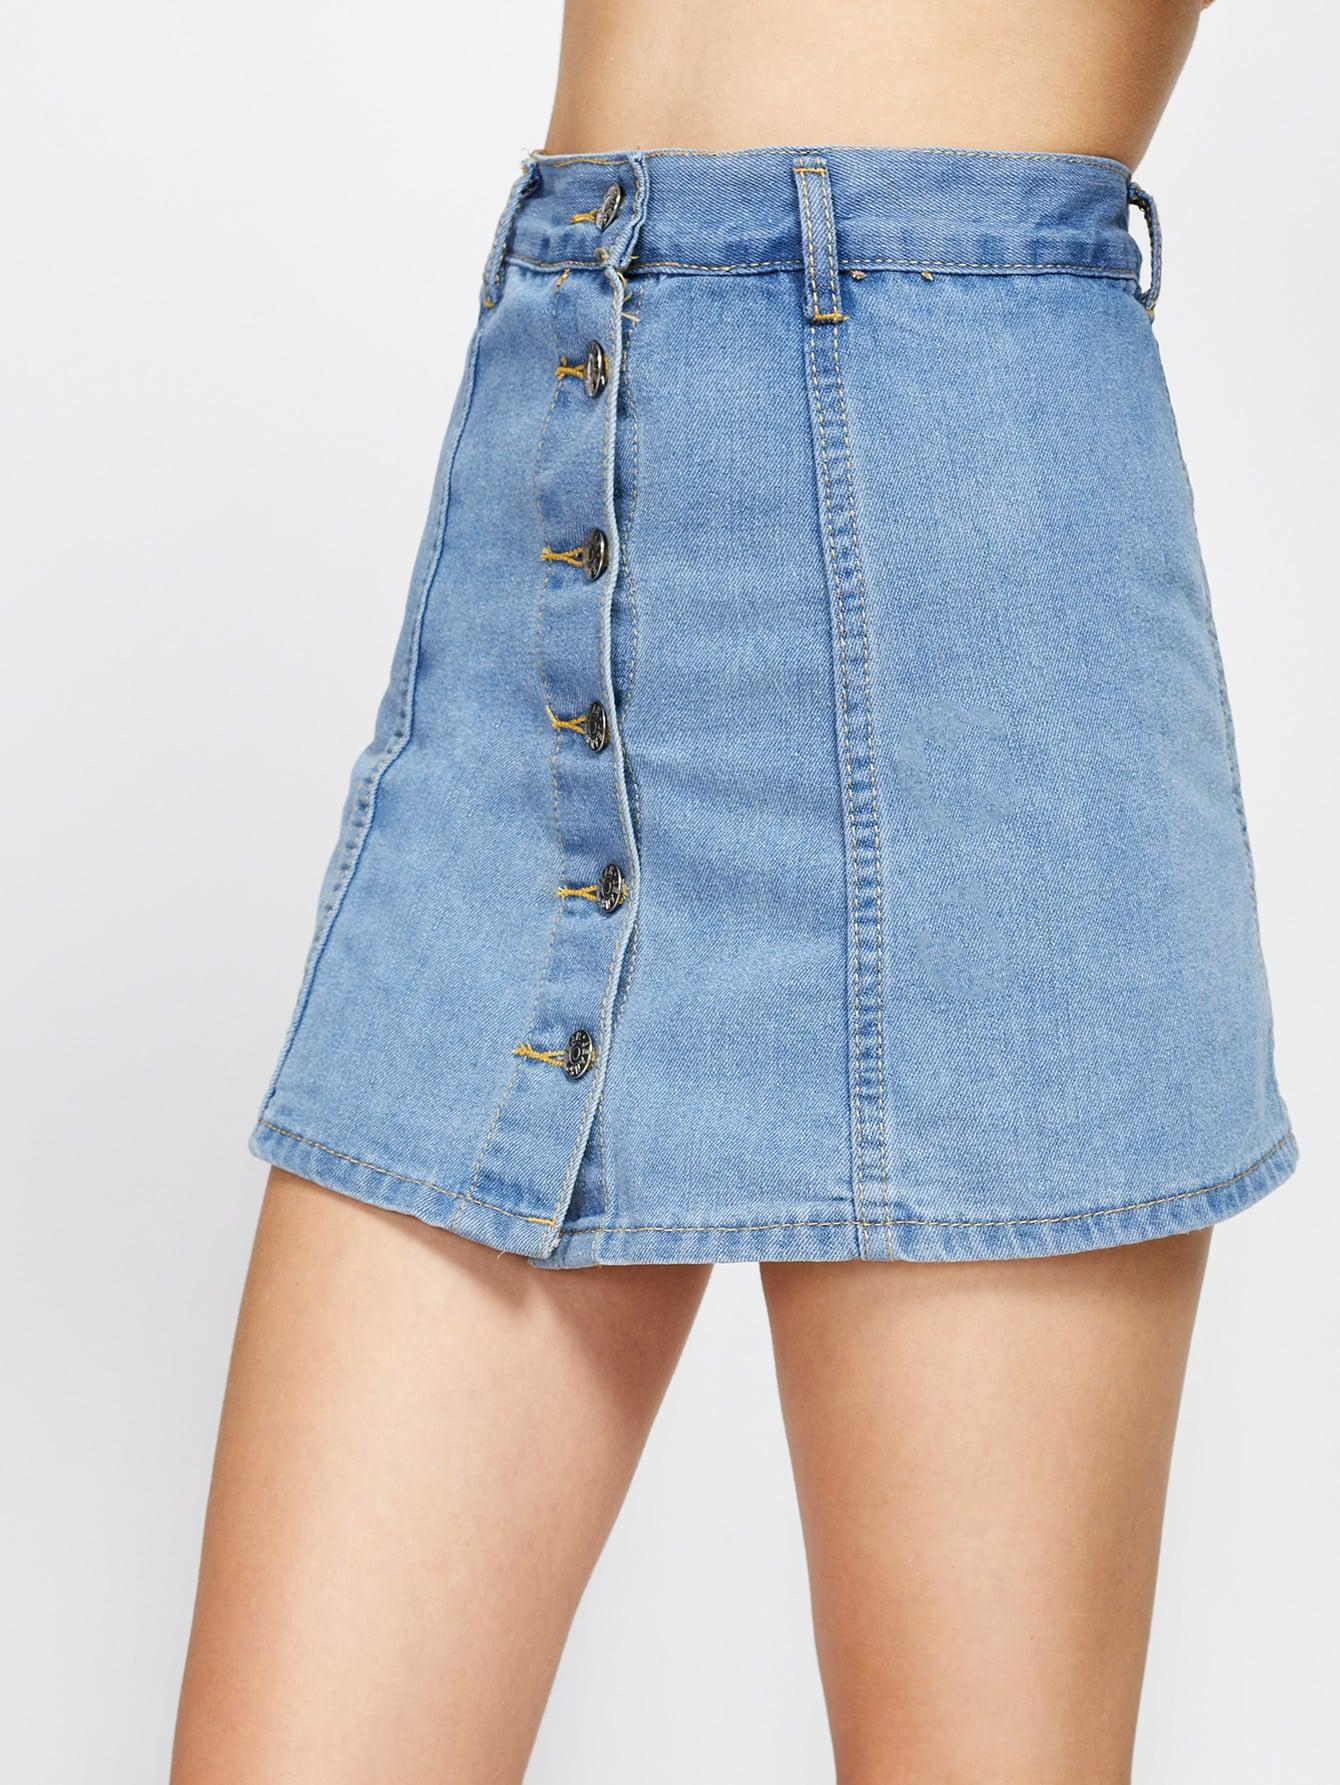 Single Breasted Denim Skirt Shorts vintage single breasted solid color furcal denim suspender skirt